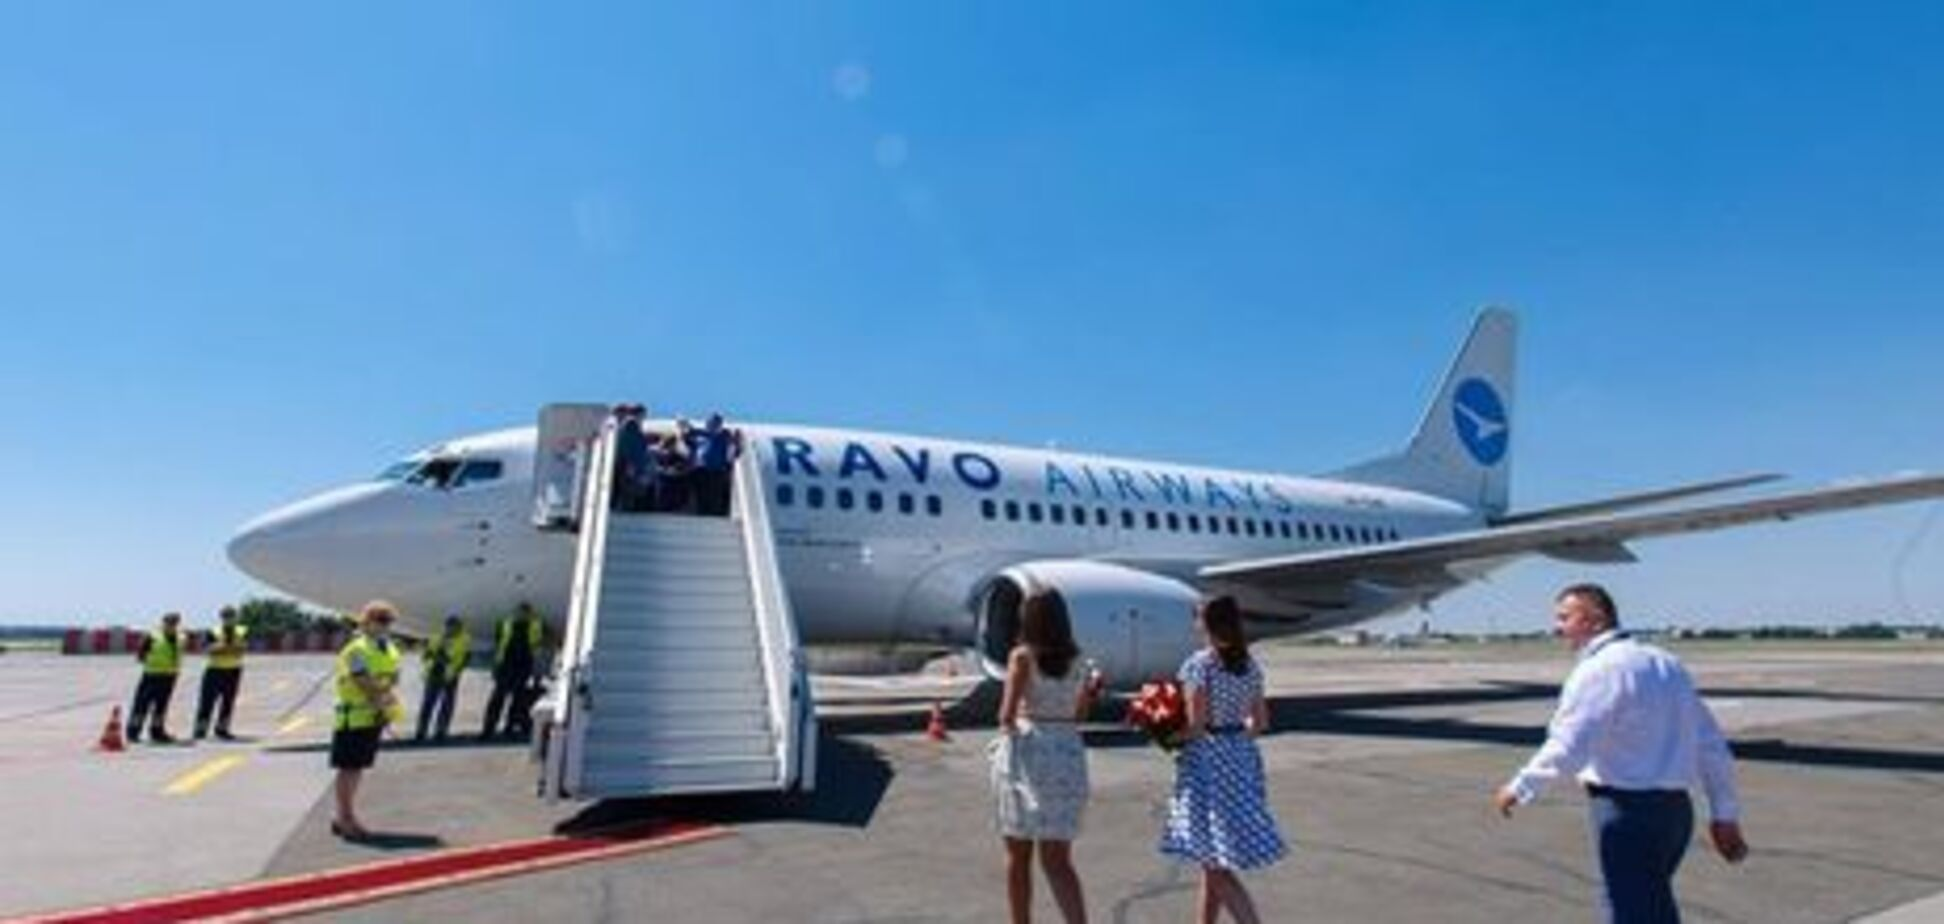 Скандал с Bravo Airways: стало известно о судьбе авиакомпании